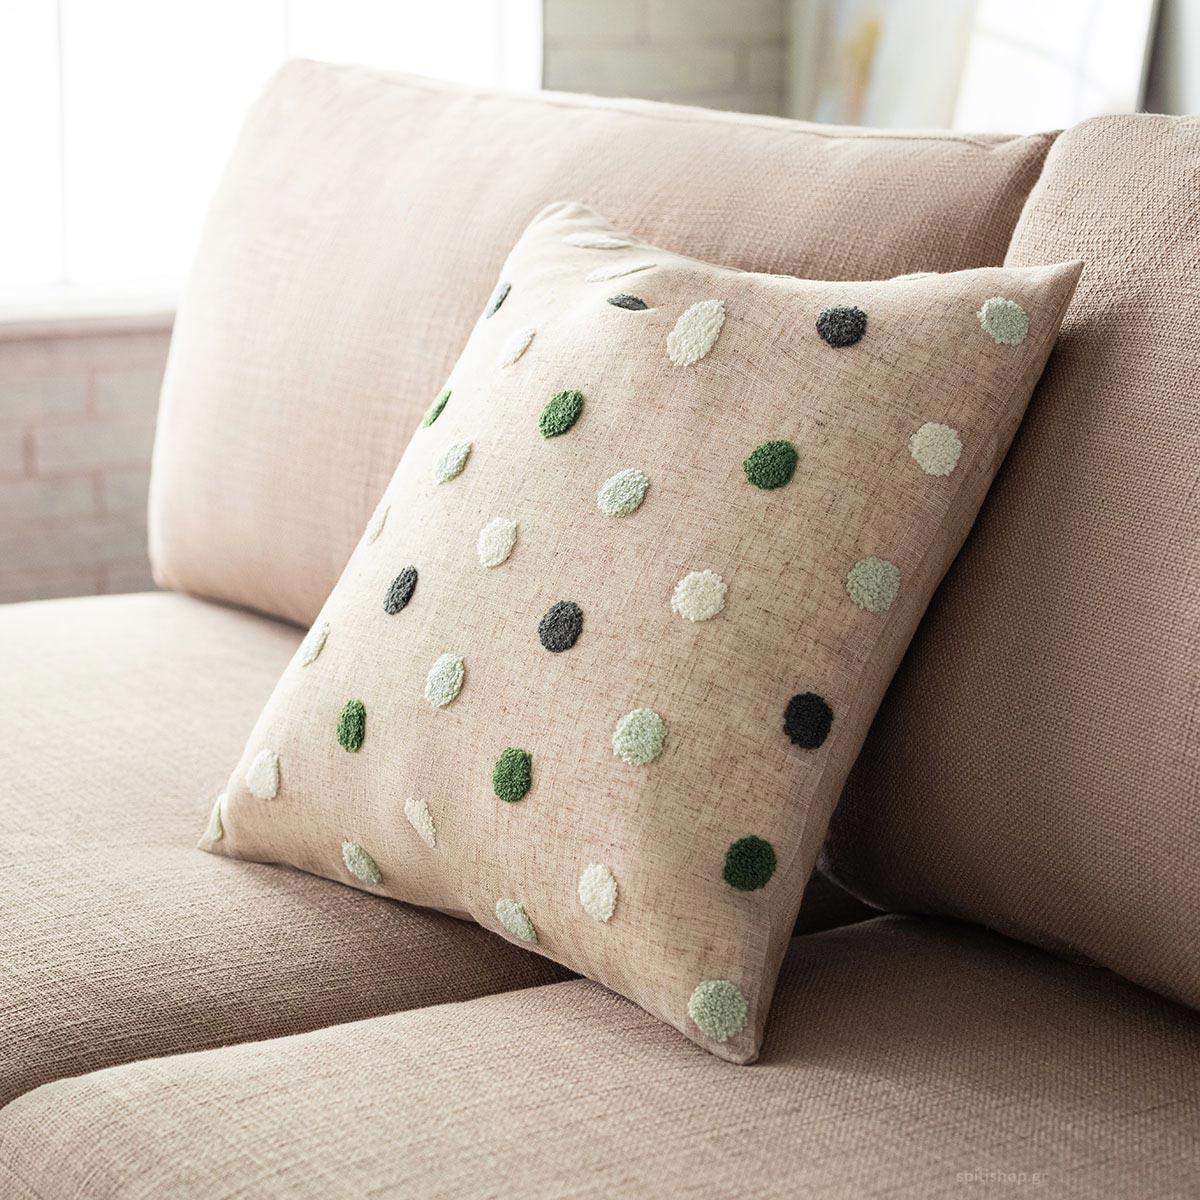 Διακοσμητική Μαξιλαροθήκη (43x43) Gofis Home Felicia Pine Green 206/18